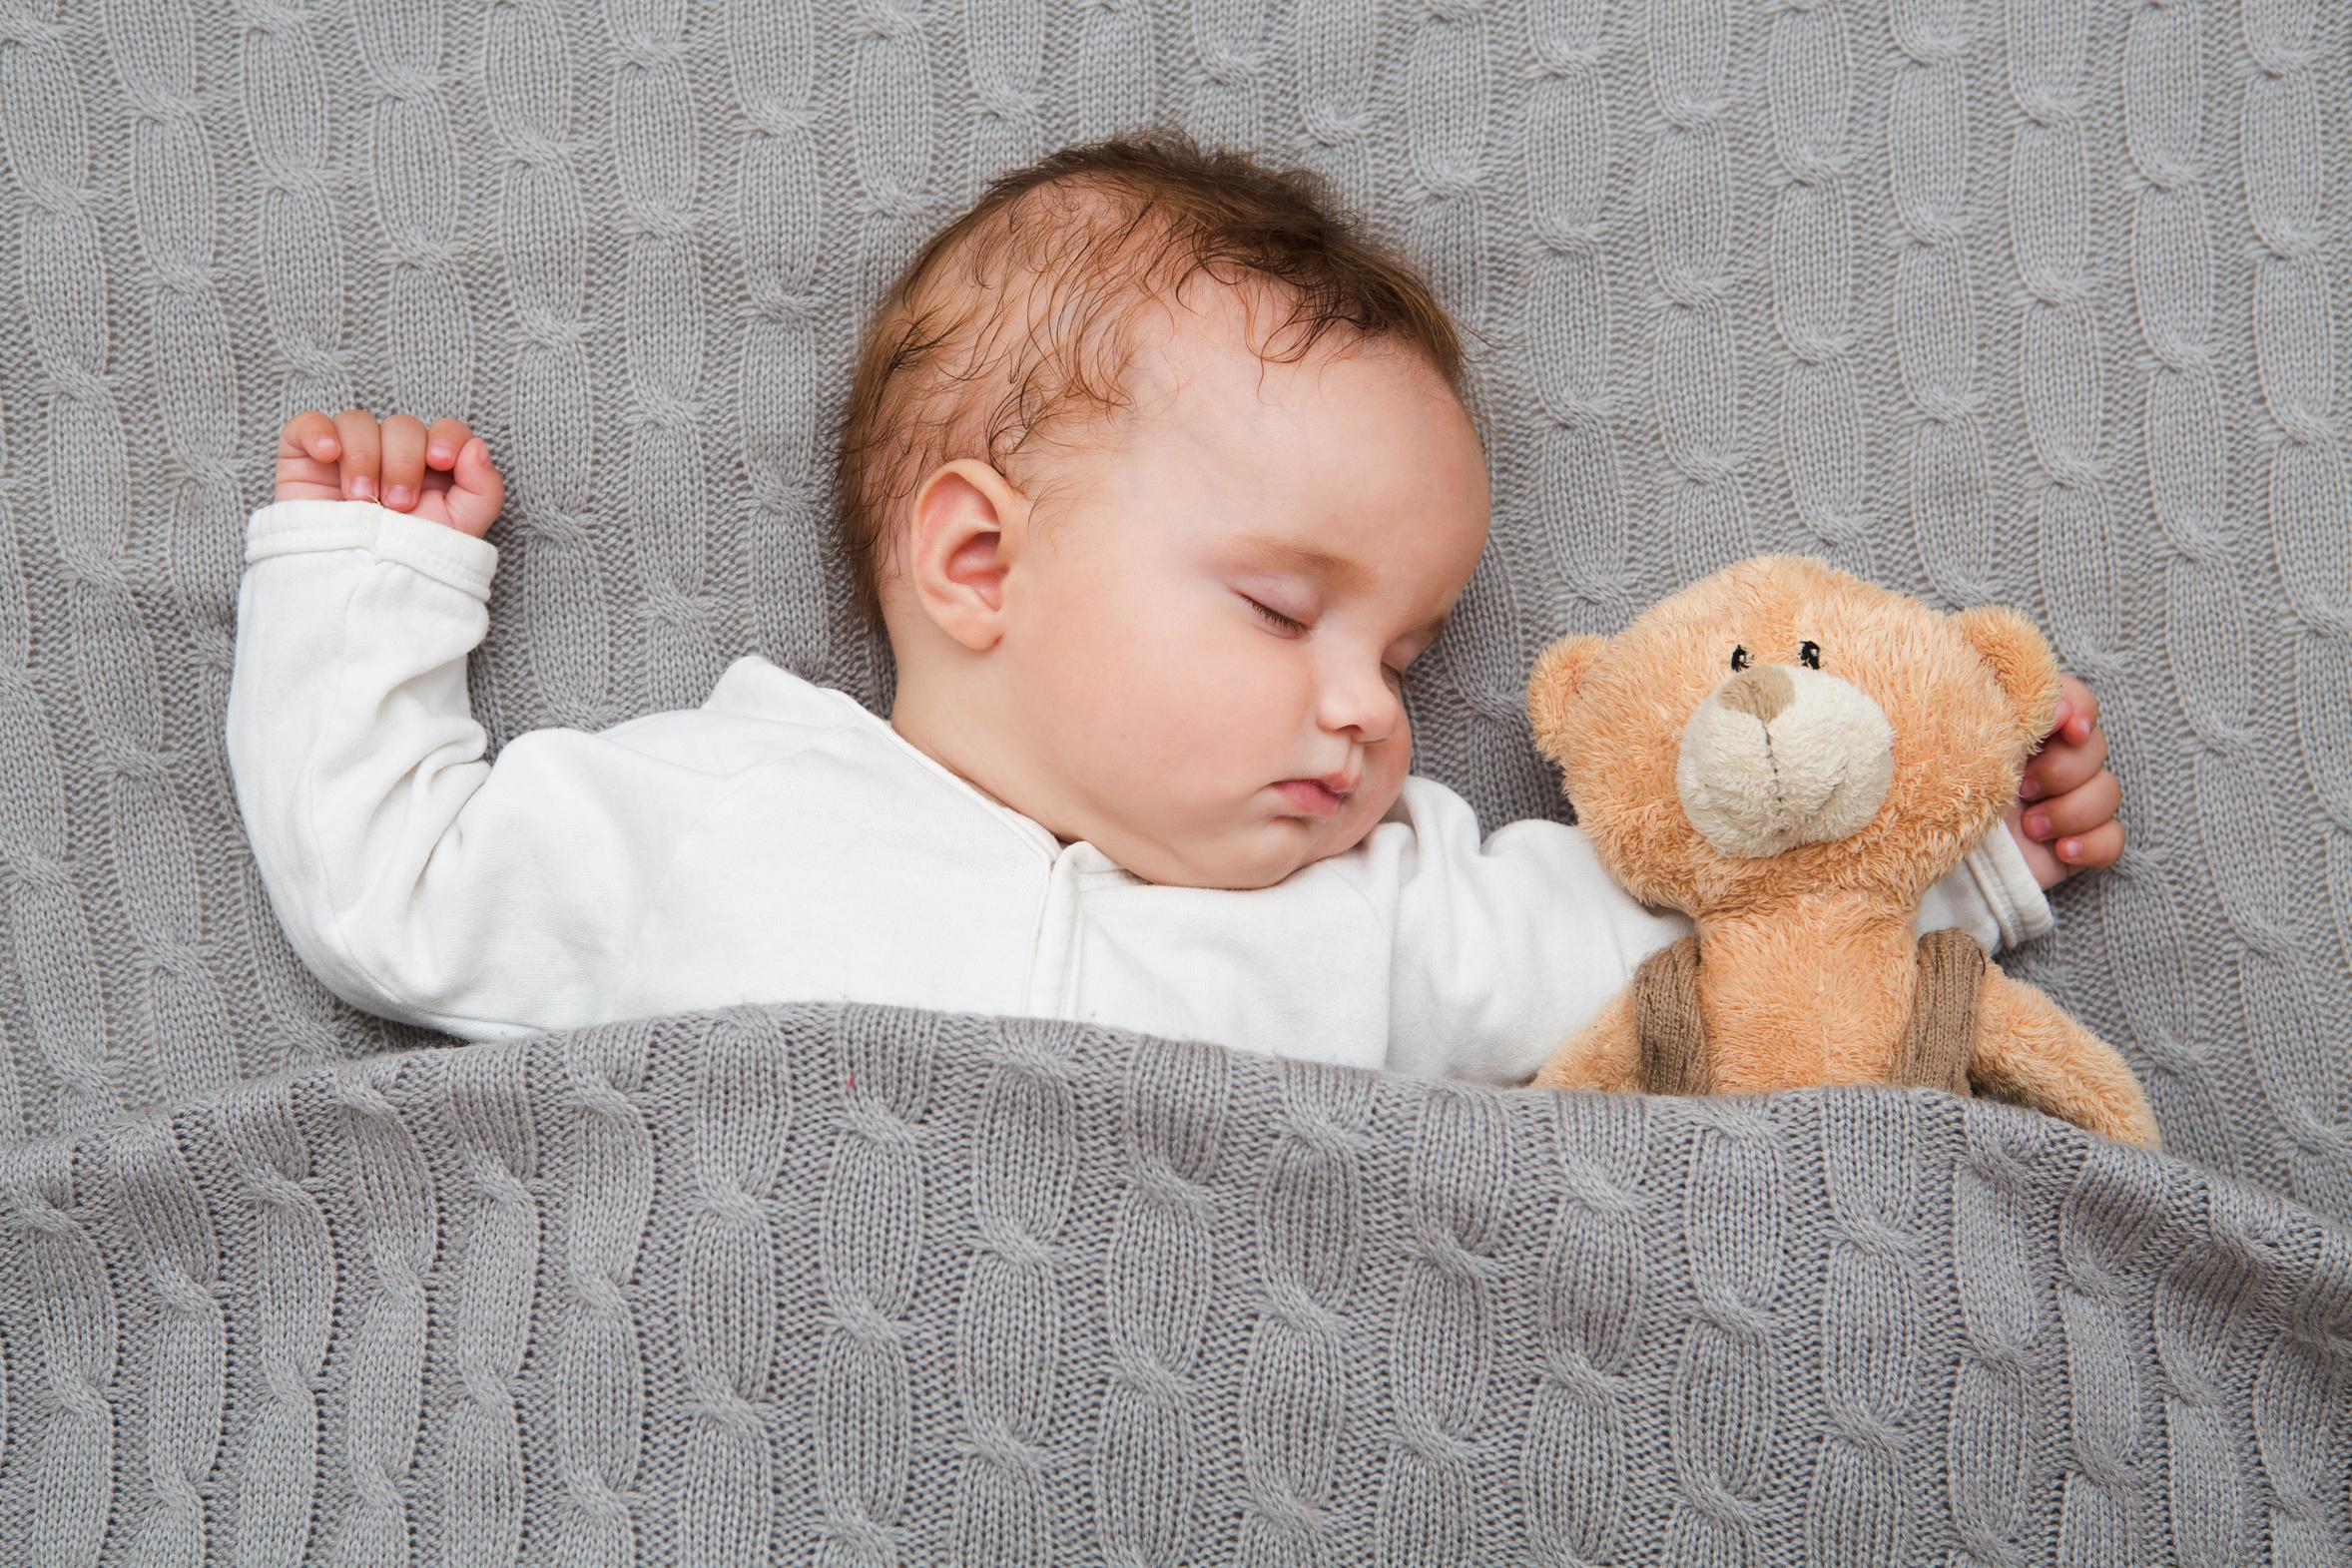 Co zakłóca sen dziecka - śpiące niemowlę